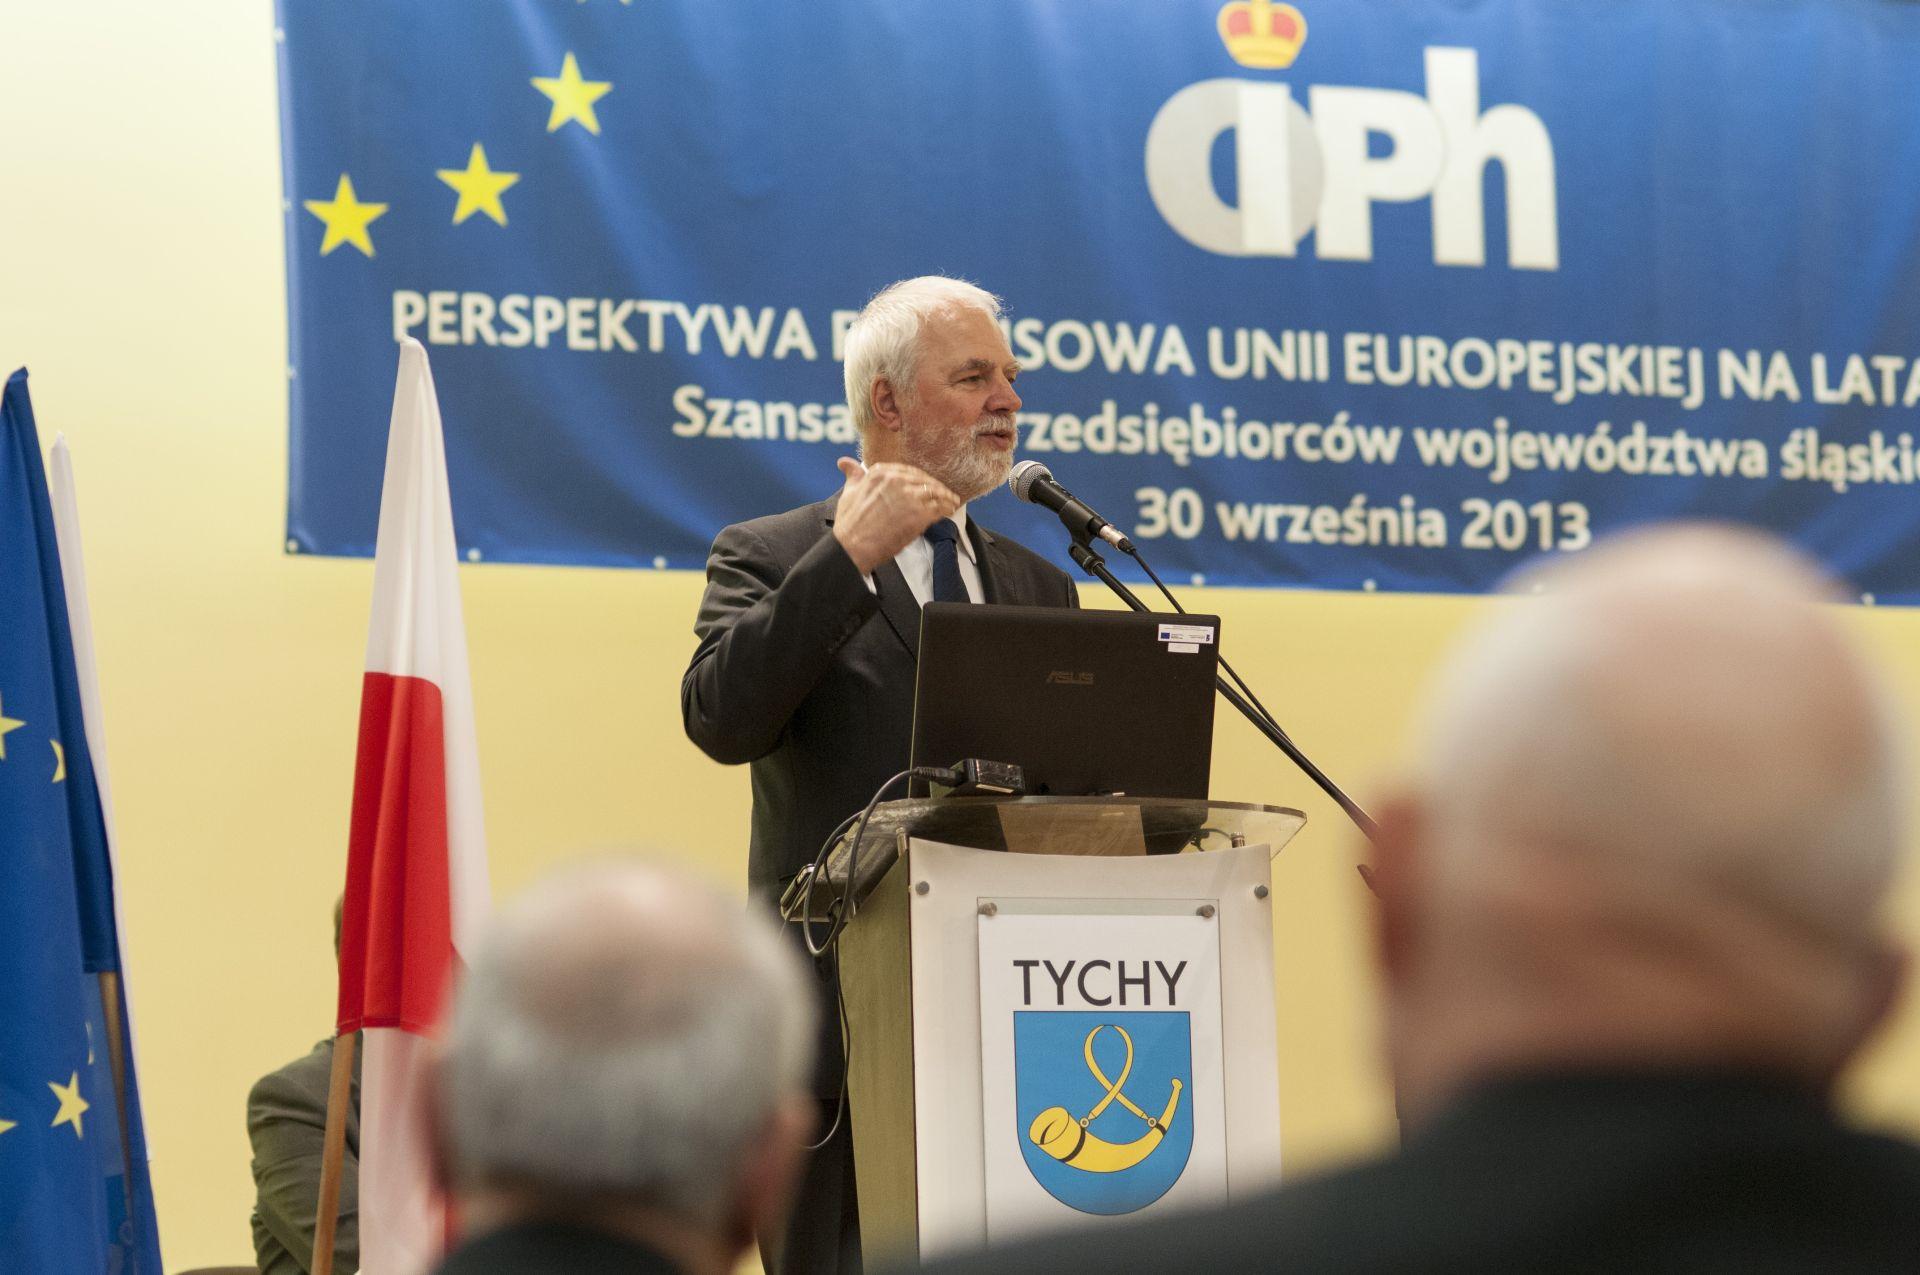 """Konferencja """"Perspektywa finansowa Unii Europejskiej na lata 2014-2020"""""""